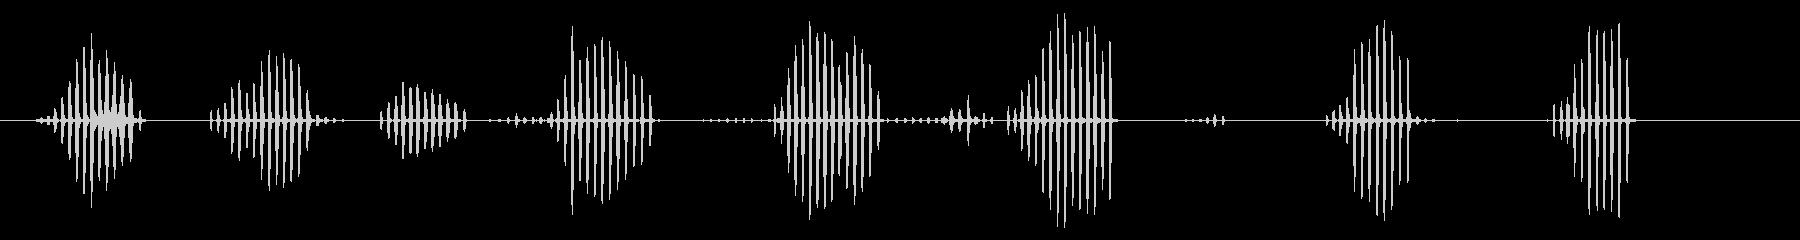 赤ちゃんアヒルの小グループ:チャタリングの未再生の波形